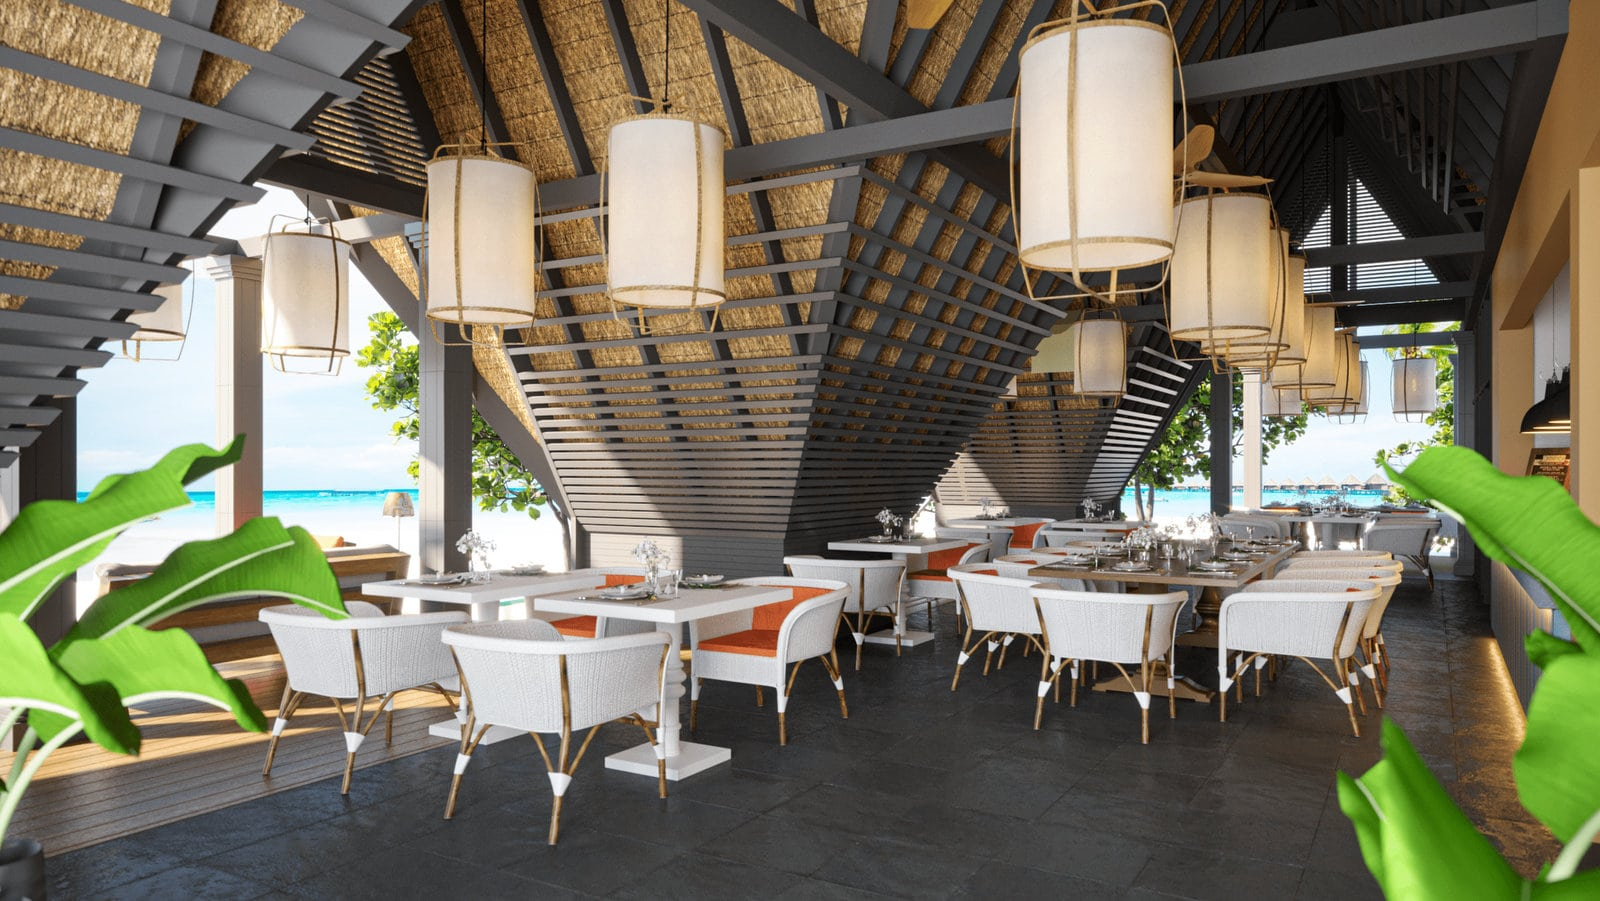 Мальдивы, отель Cora Cora Maldives, ресторан Ginger Moon